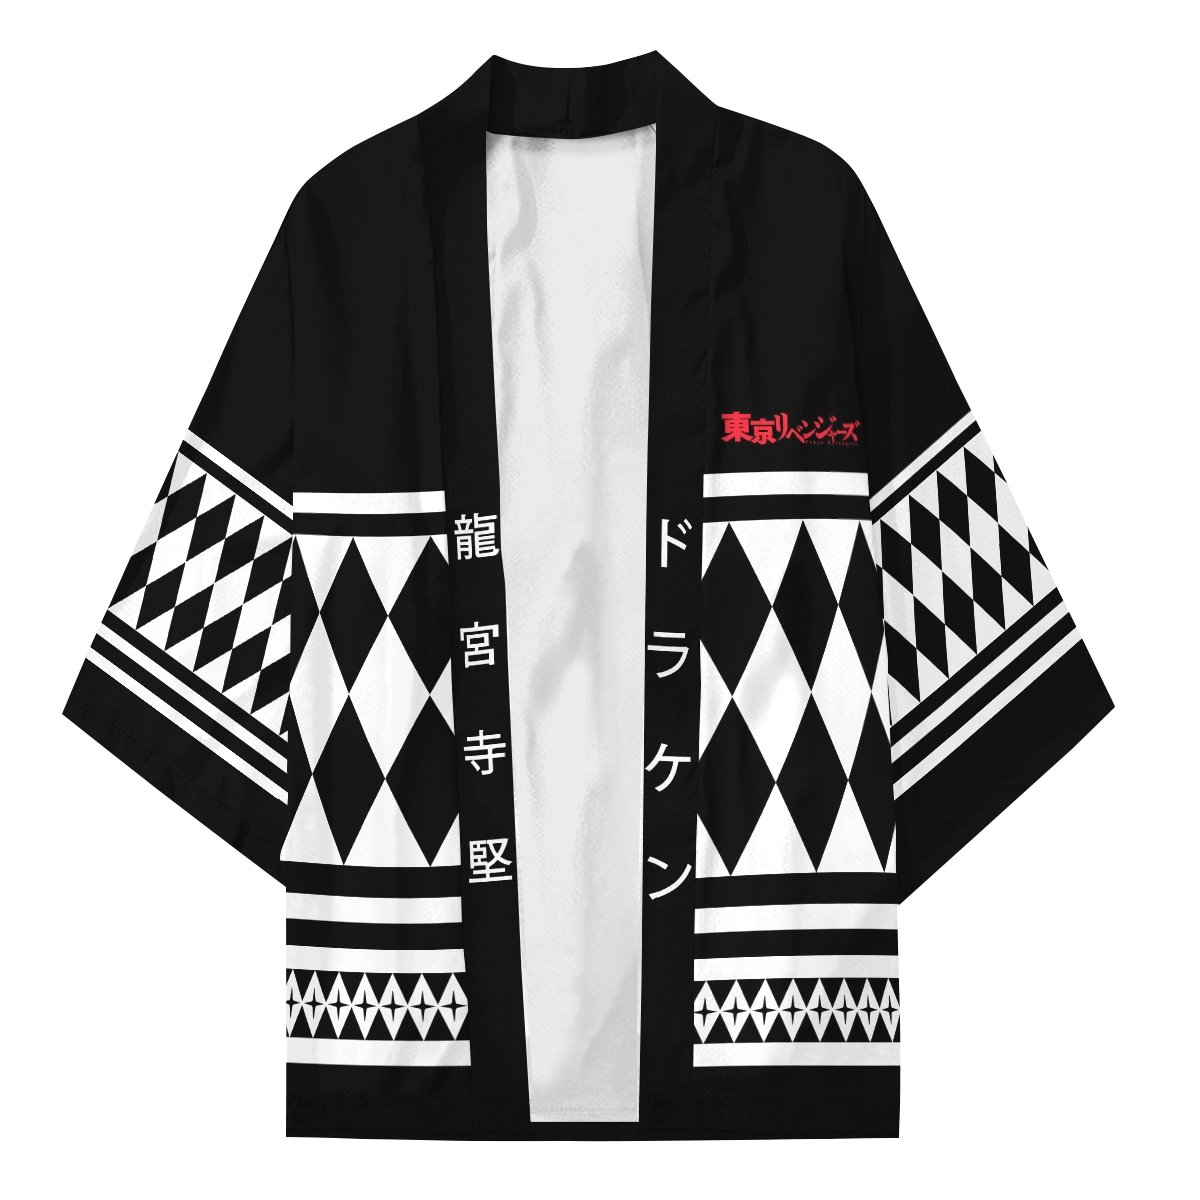 ken ryuguji kimono 532808 - Otaku Treat